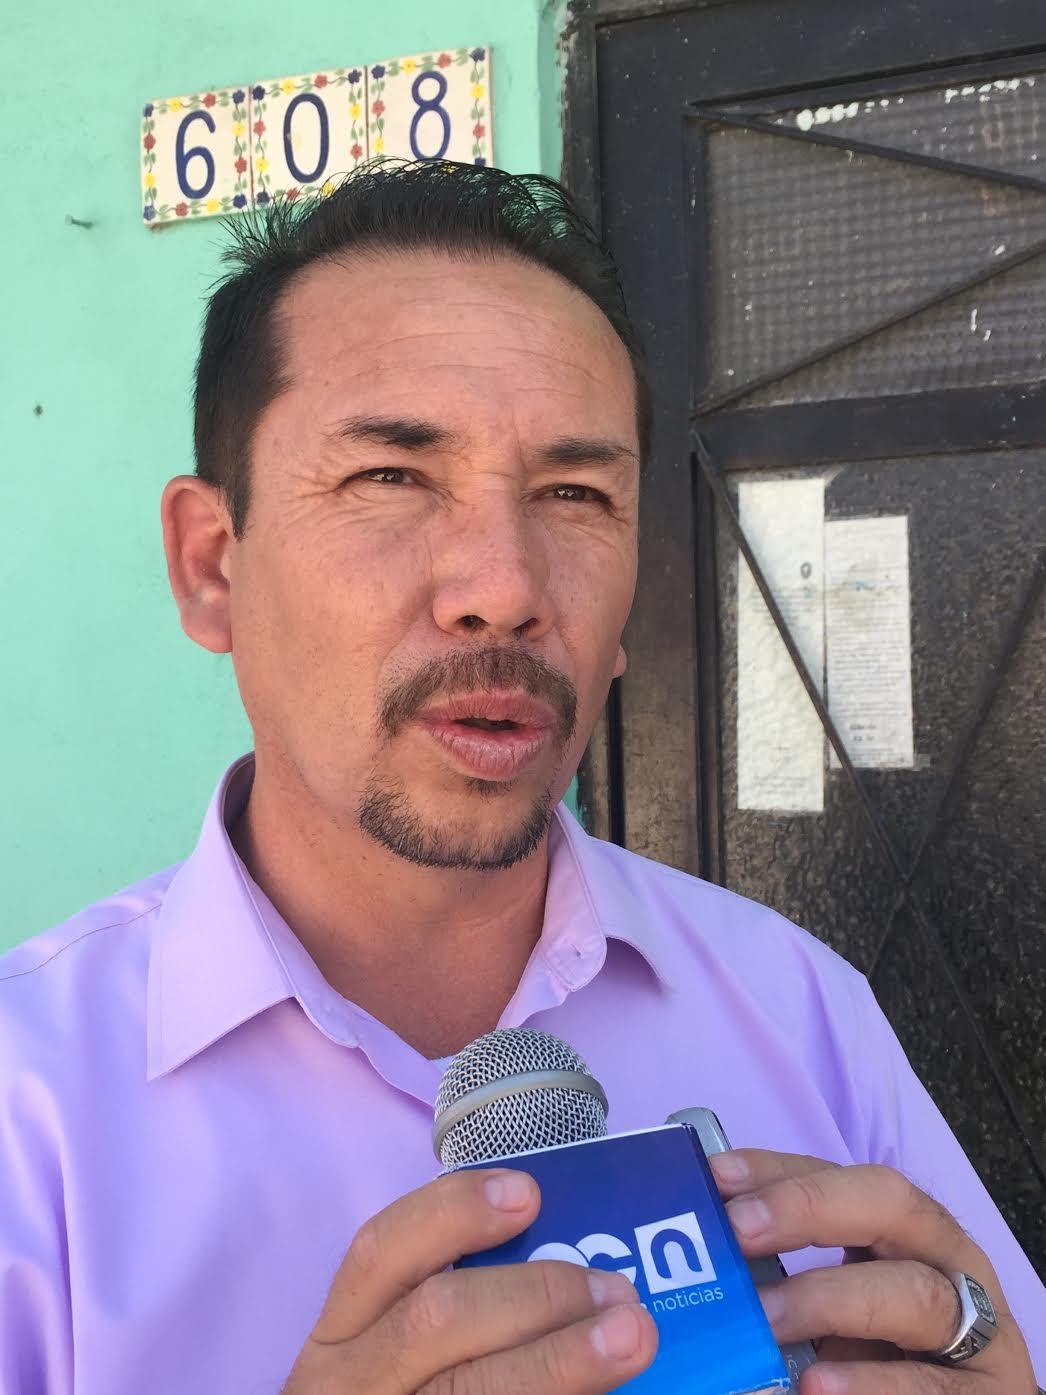 El director de Seguridad Pública, José Antonio Cureño, dijo que se hacen todos los esfuerzos por dar seguridad a los cortazarenses, pero los muertos registrados en días pasados, no pueden ser controlados ni previstos por la autoridad.